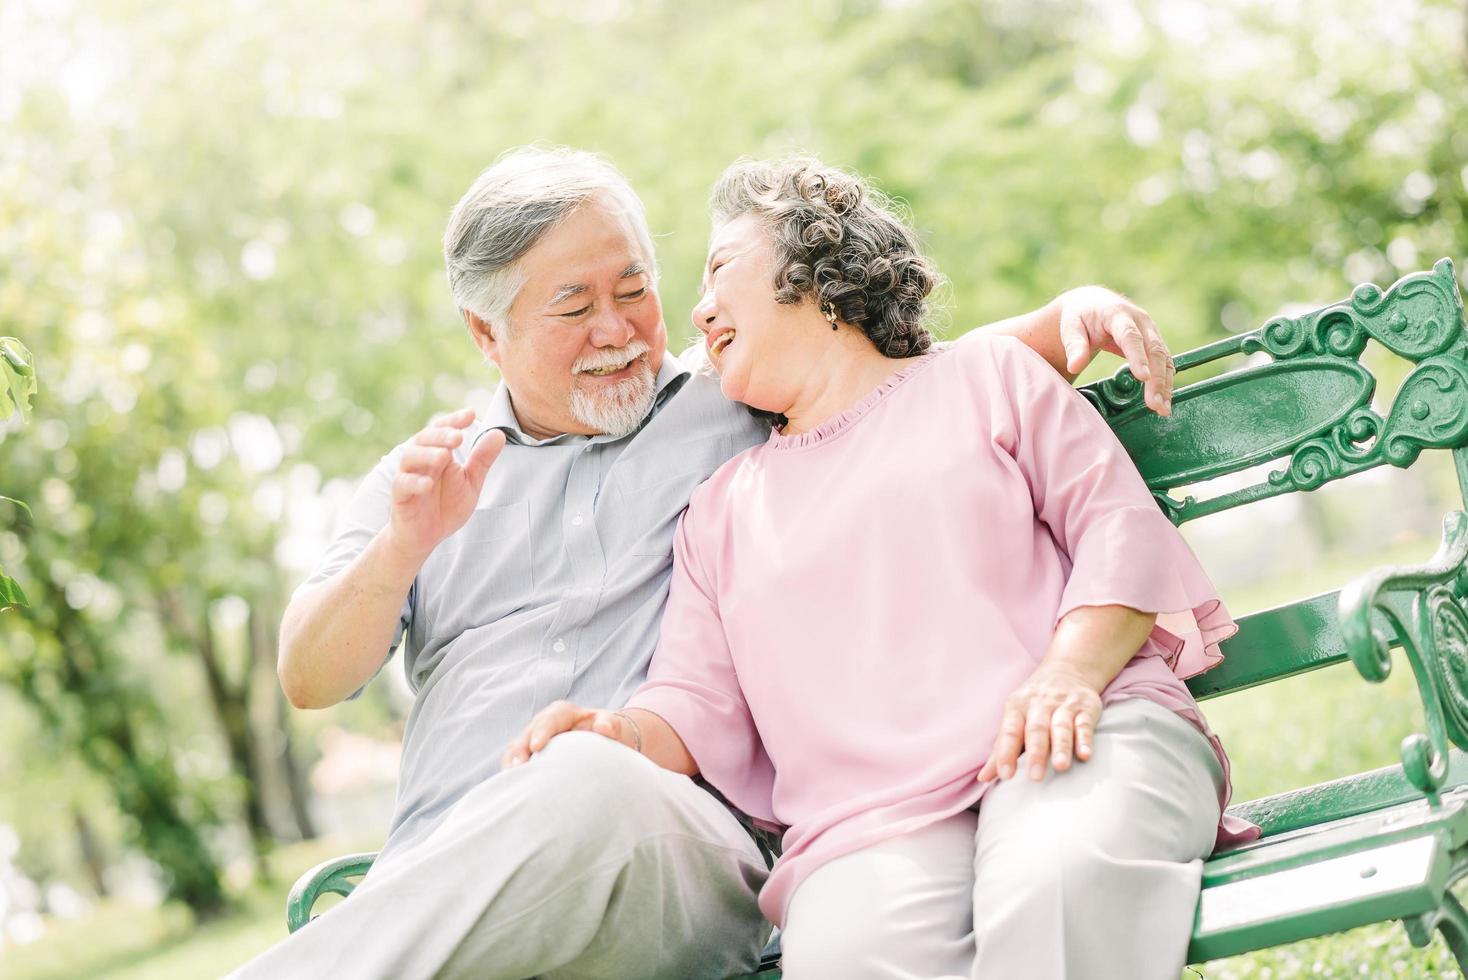 feliz pareja senior pasando un buen rato en el parque foto